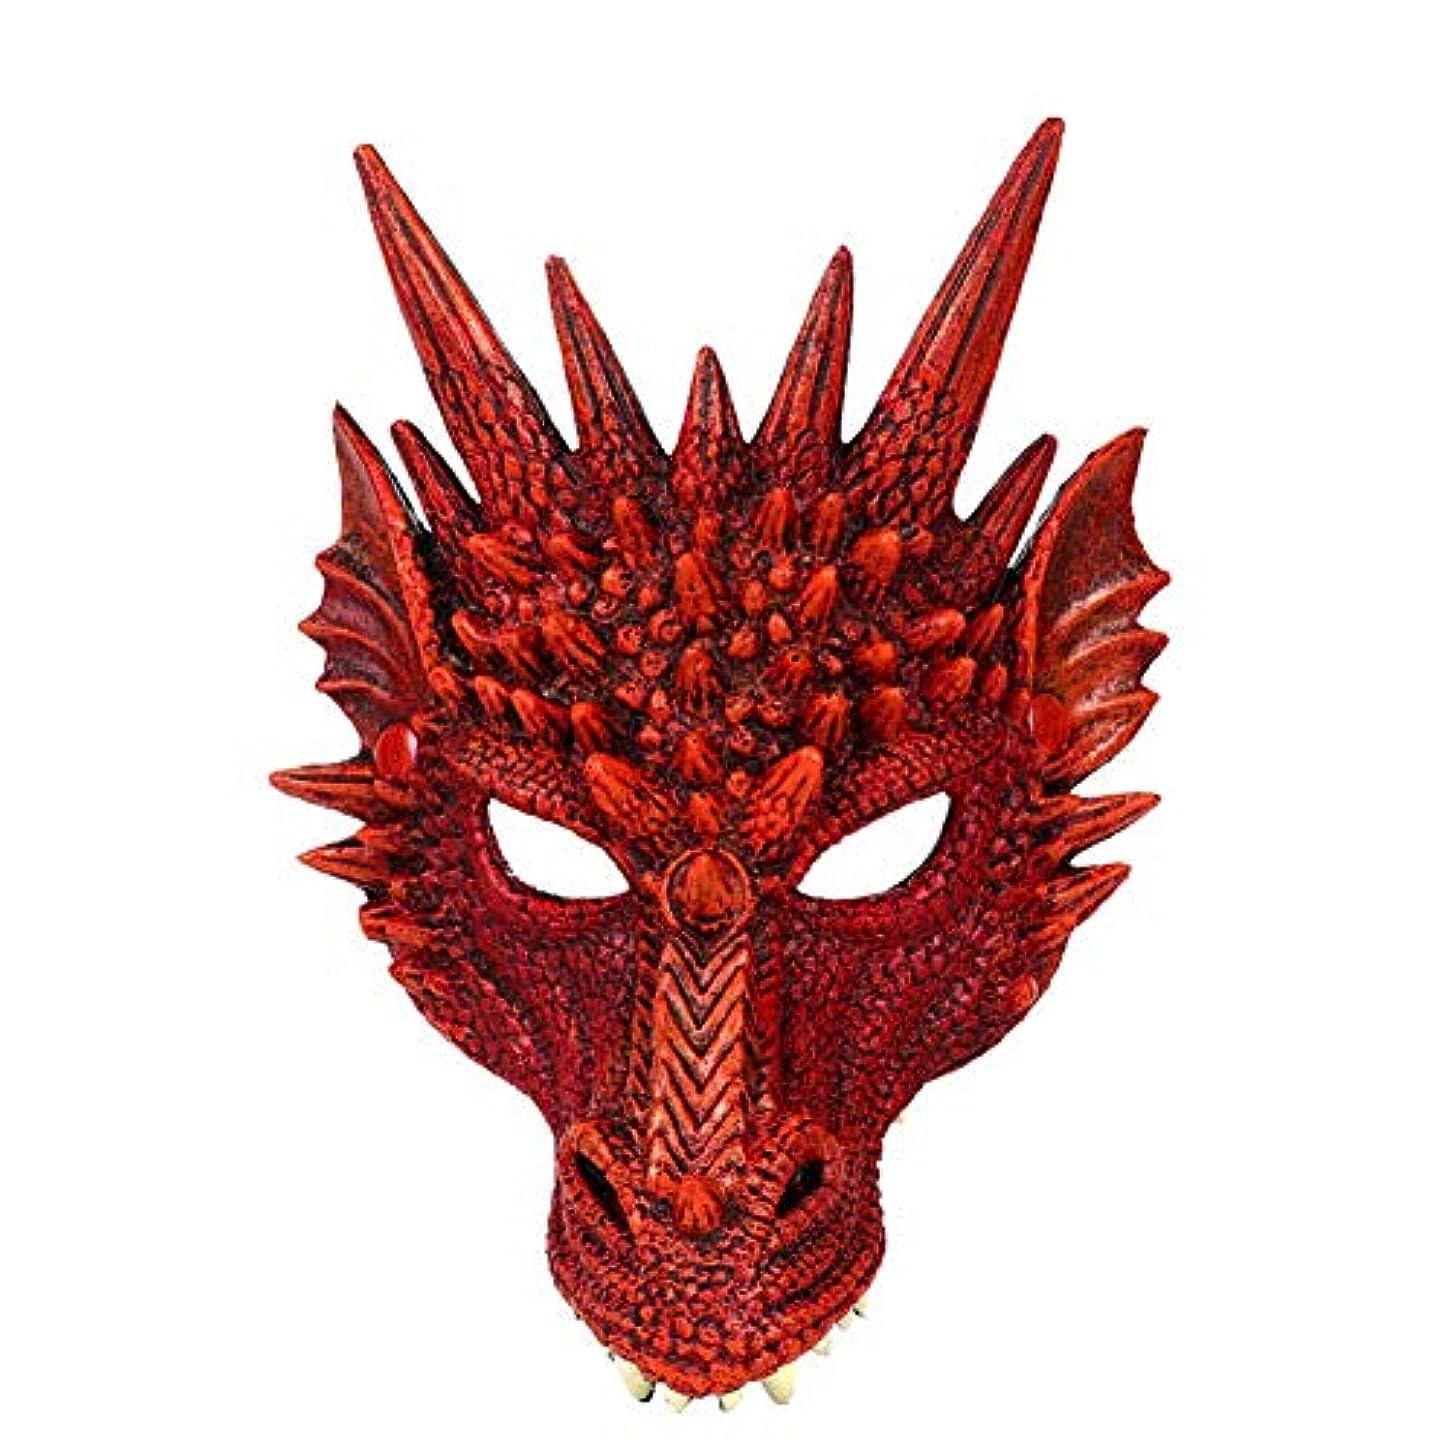 ベールエンティティ村Esolom 4Dドラゴンマスク ハーフマスク 10代の子供のためのハロウィンコスチューム パーティーの装飾 テーマパーティー用品 ドラゴンコスプレ小道具